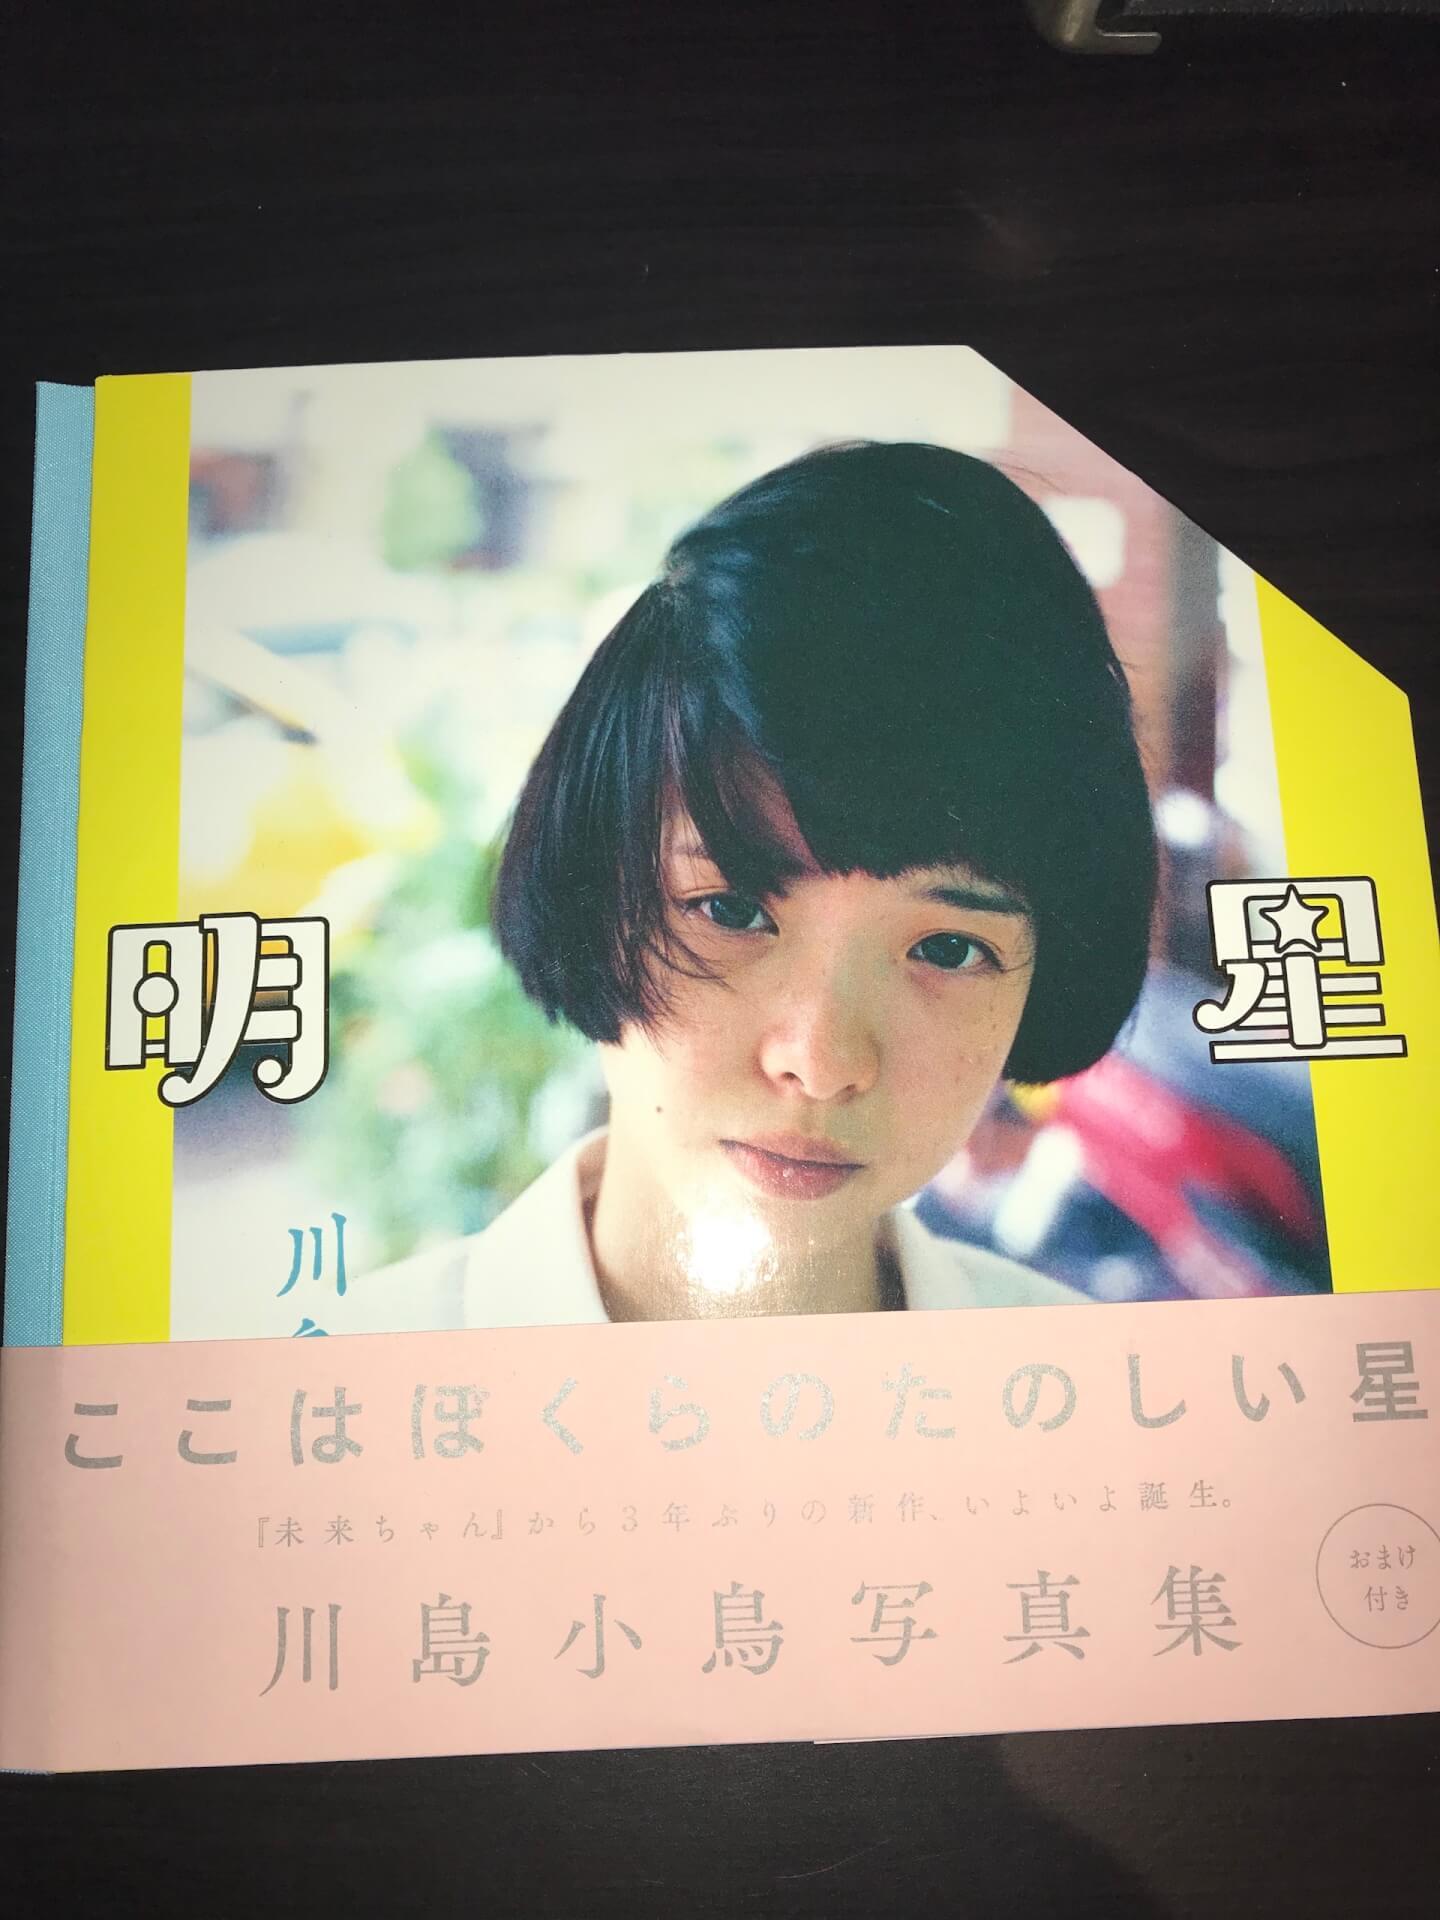 アートブックノススメ:番外編| クボタカイ-『川島小鳥写真集 明星』 column210502_artbook-kubotakai-01